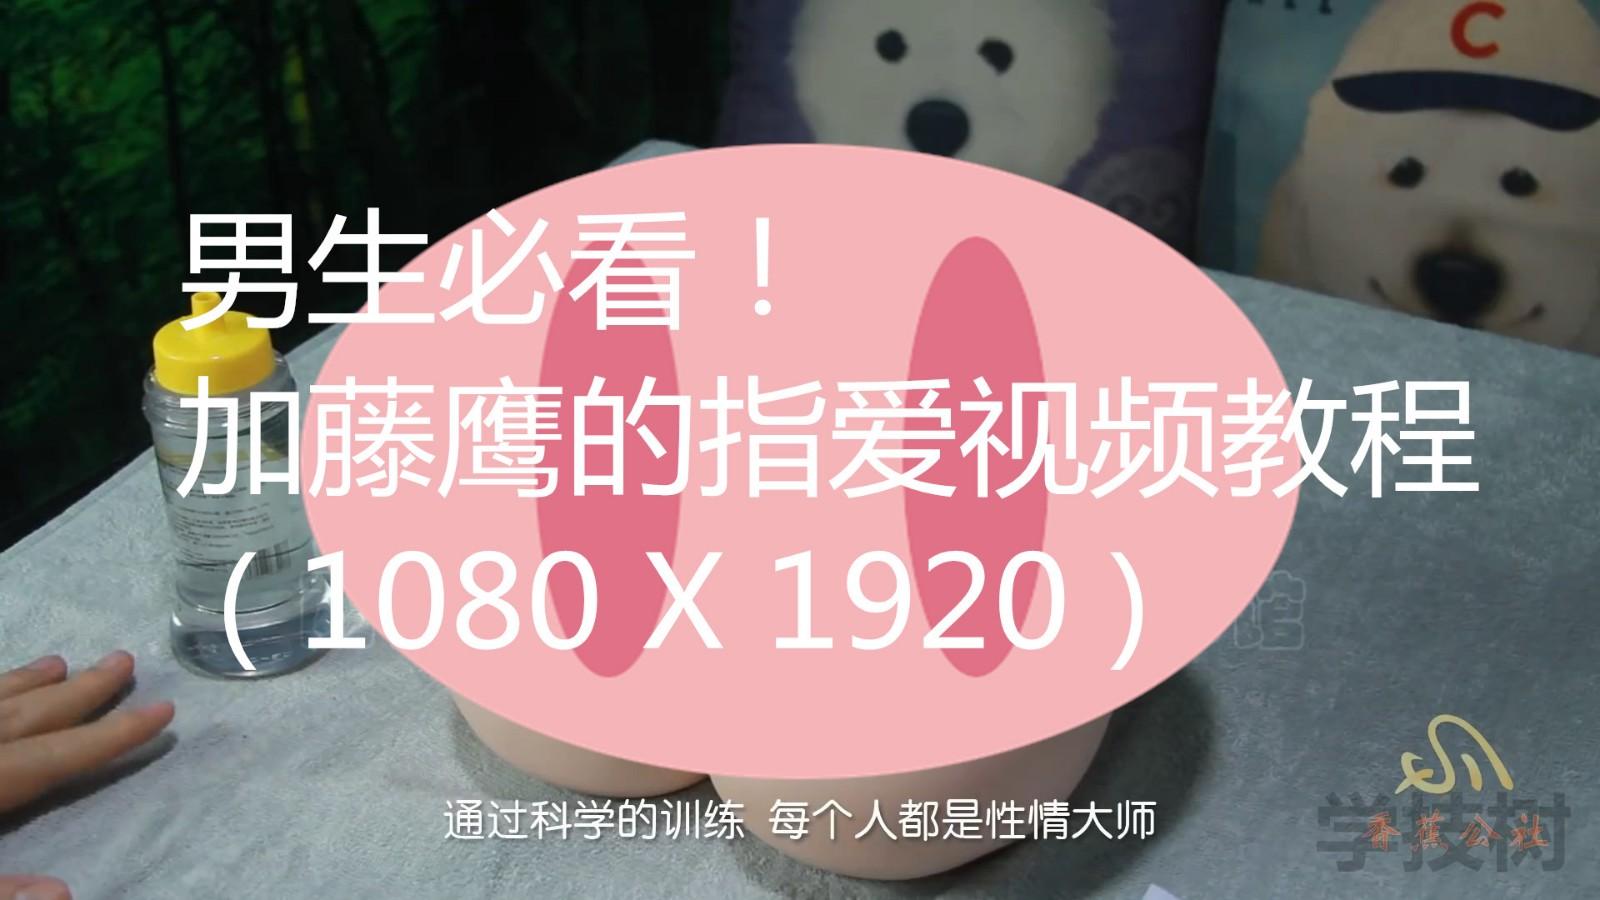 男生必看!加藤鹰的指爱视频教程 ( 1080 X 1920 )